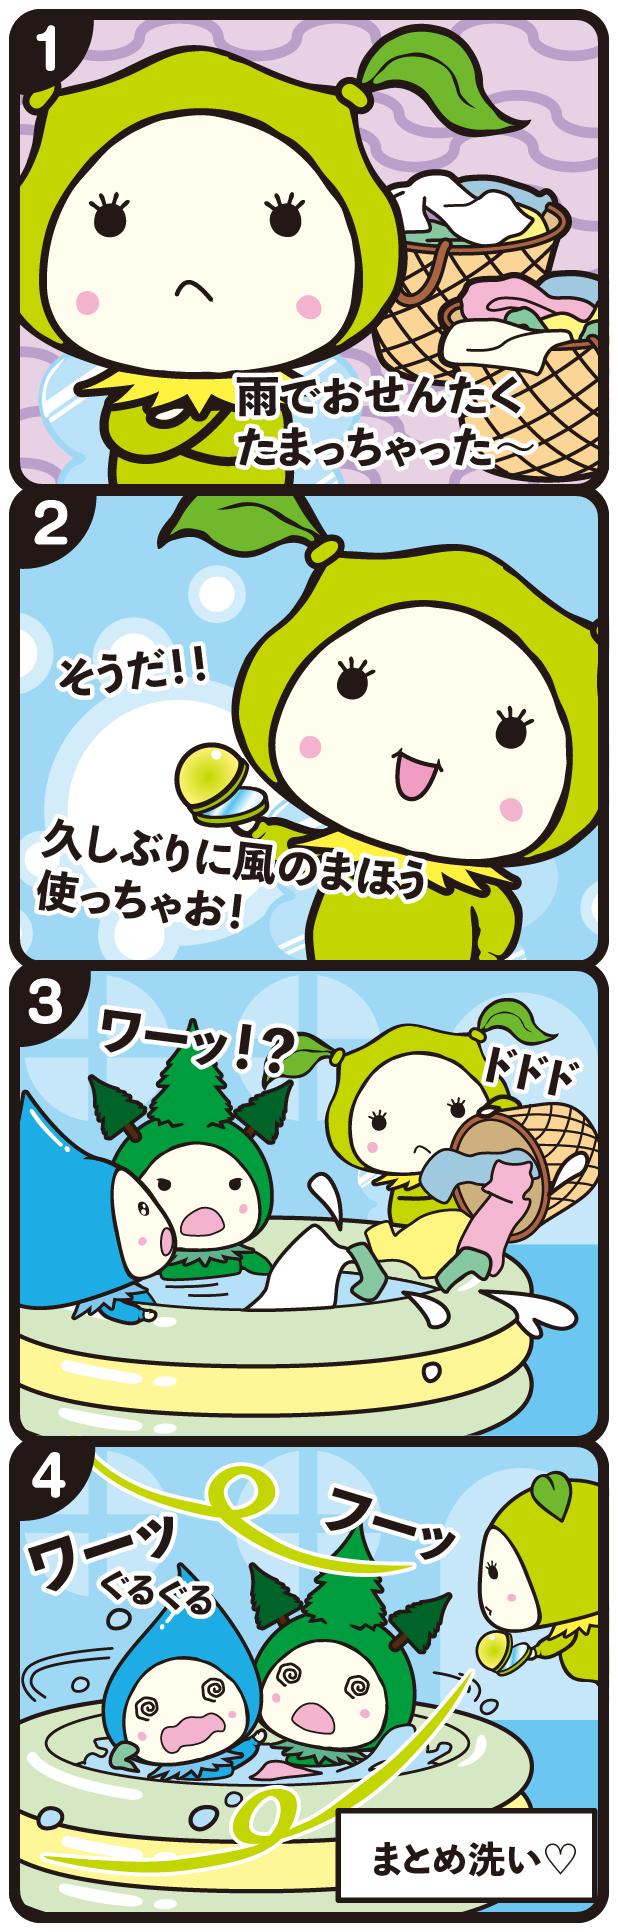 comic_206